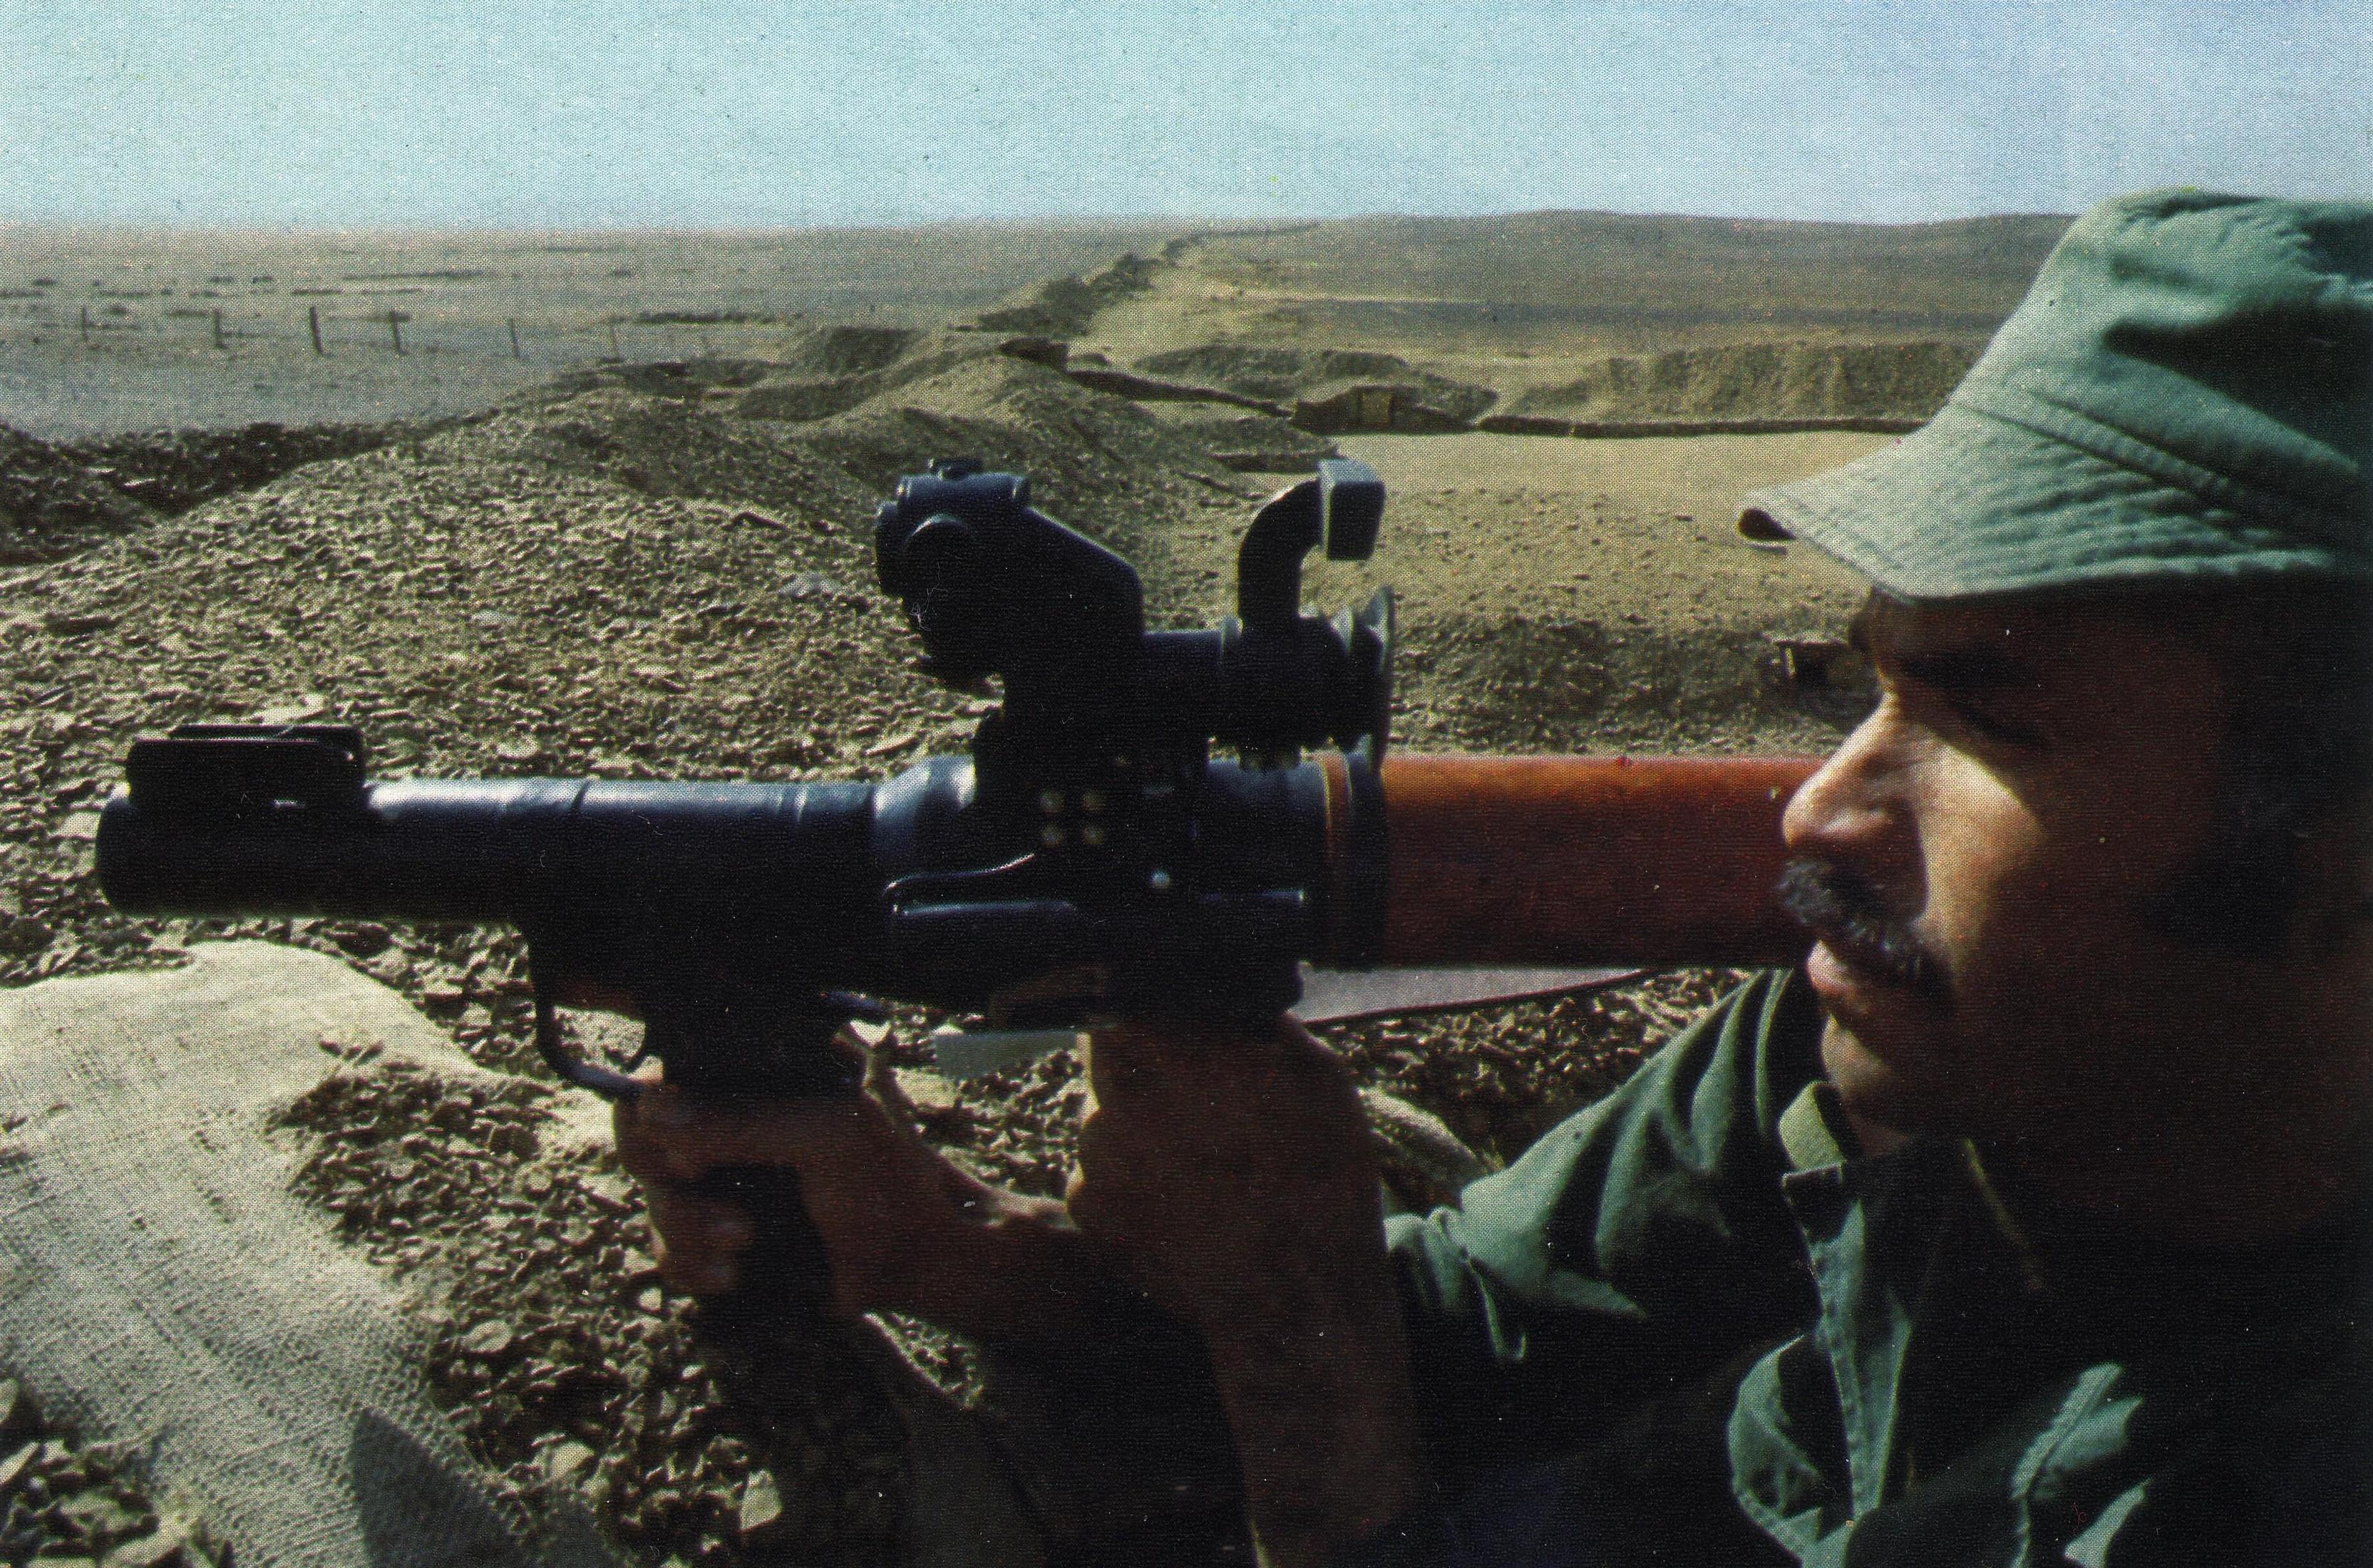 Le conflit armé du sahara marocain - Page 10 41707894182_f5b3192b69_o